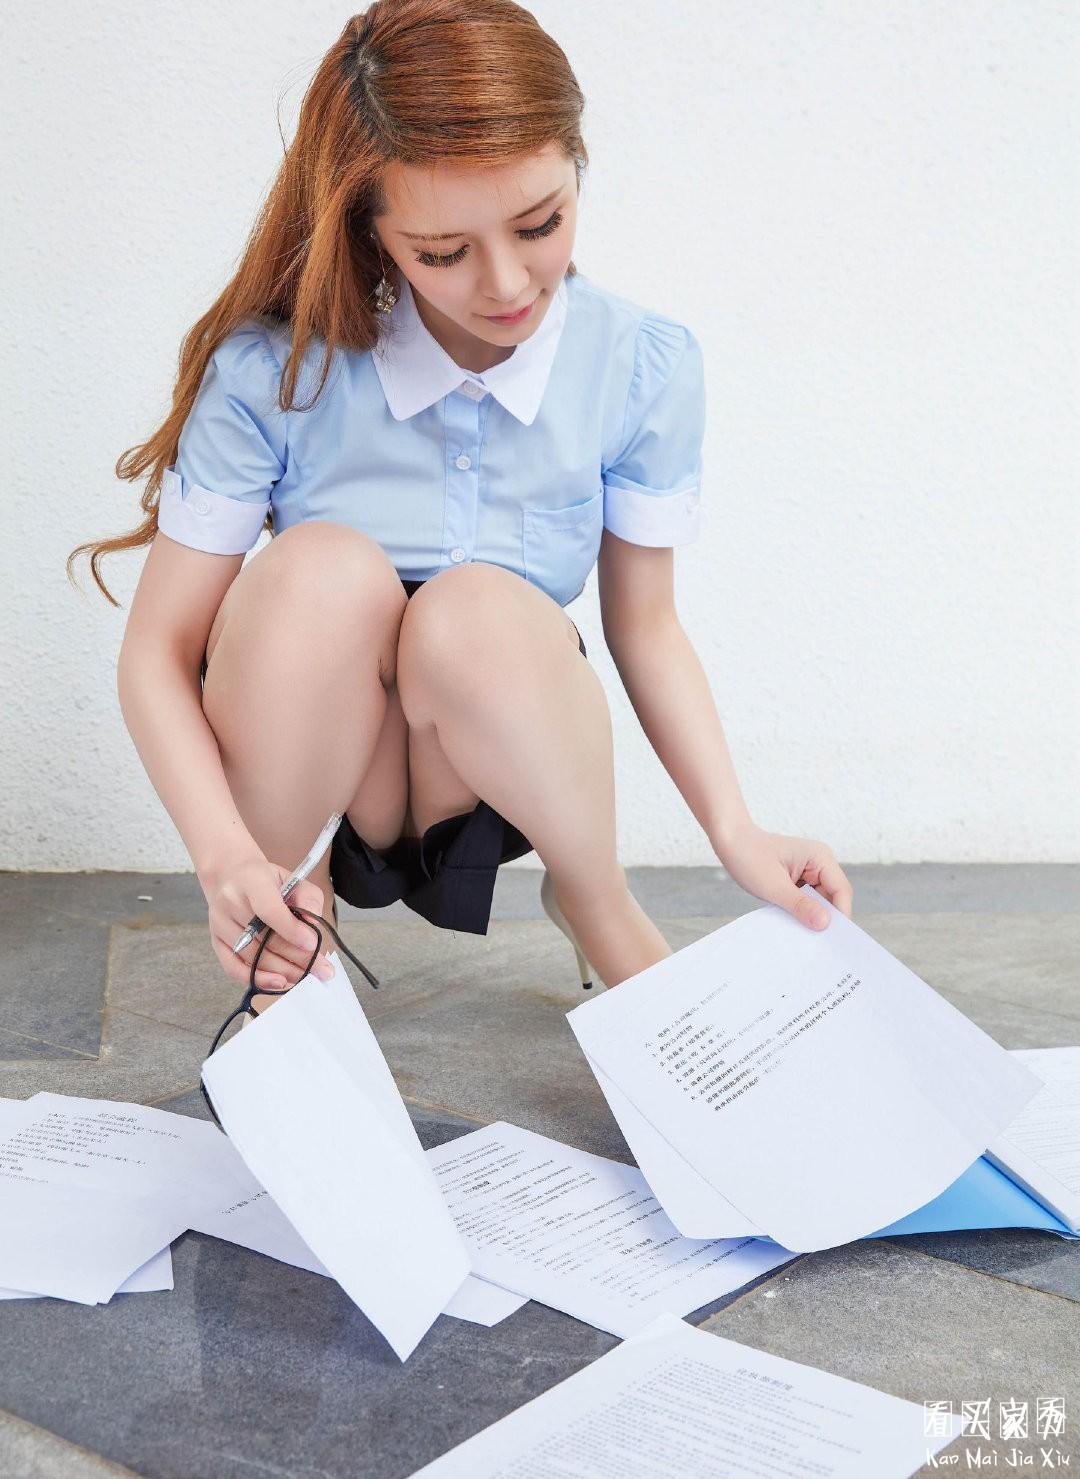 [微博福利]秘书制服写真美图,你越有钱你的秘书腿越长